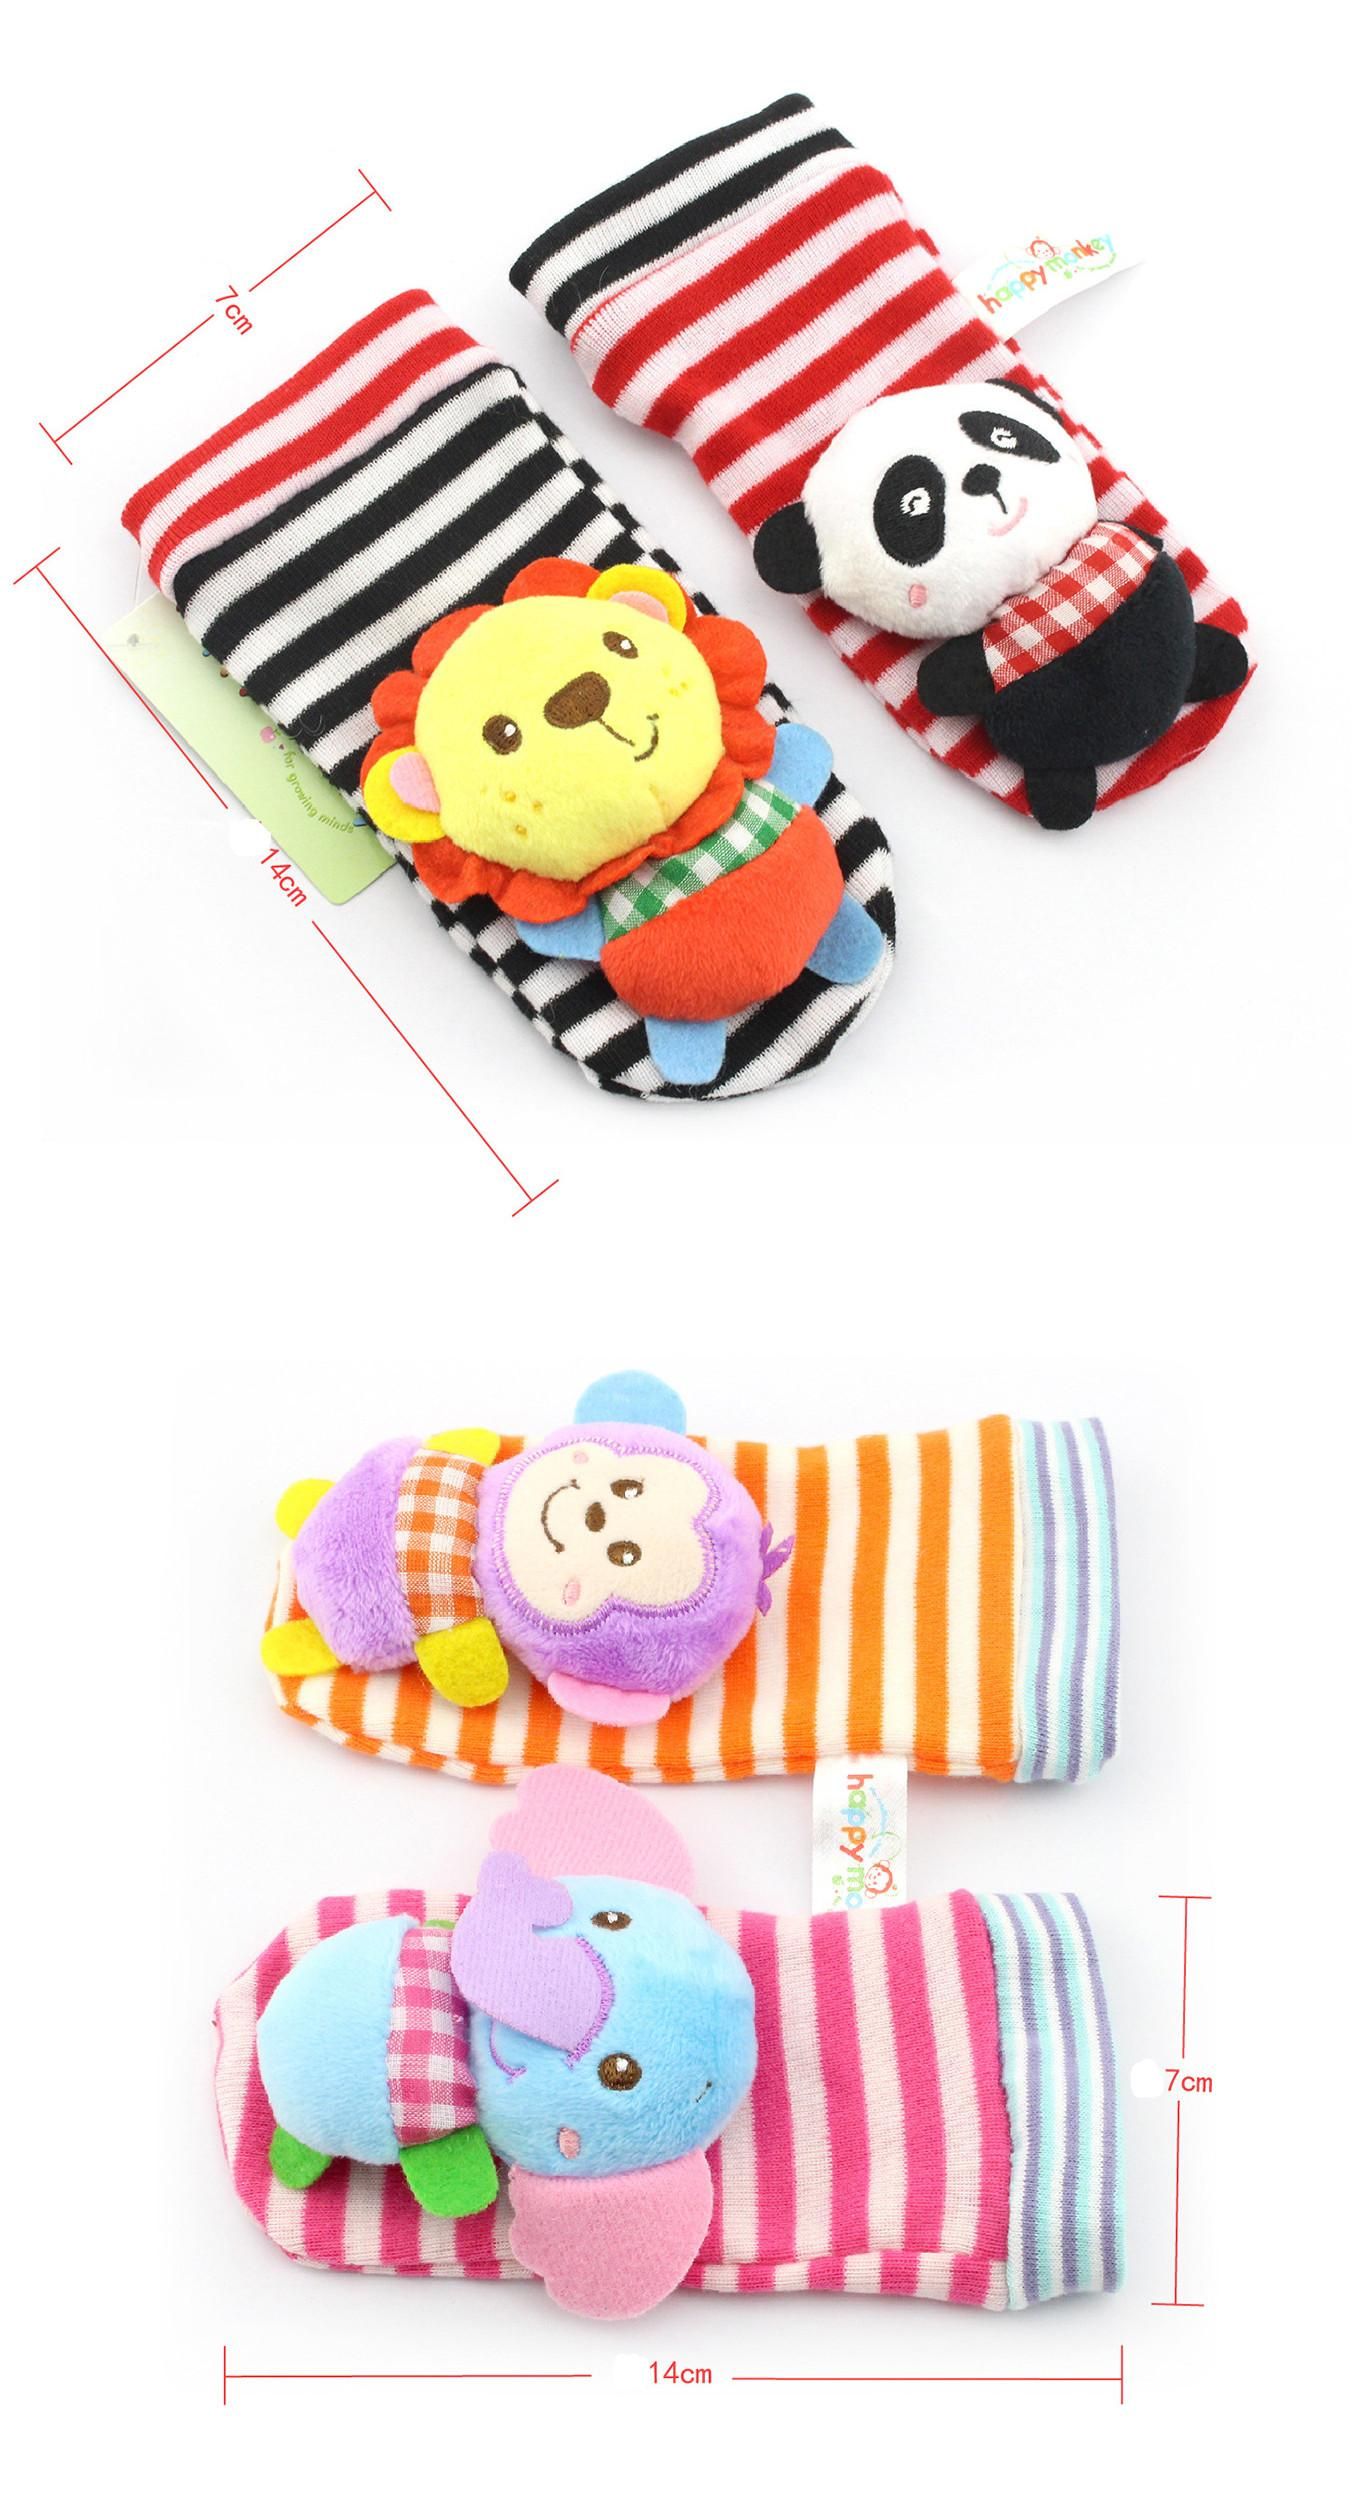 Glückliches Affe Baby Schöne Tier Bebe Infant Handgelenk und Socken Rassel Fuß Finder Set Lernspielzeug Weihnachtsgeschenk für Kinder